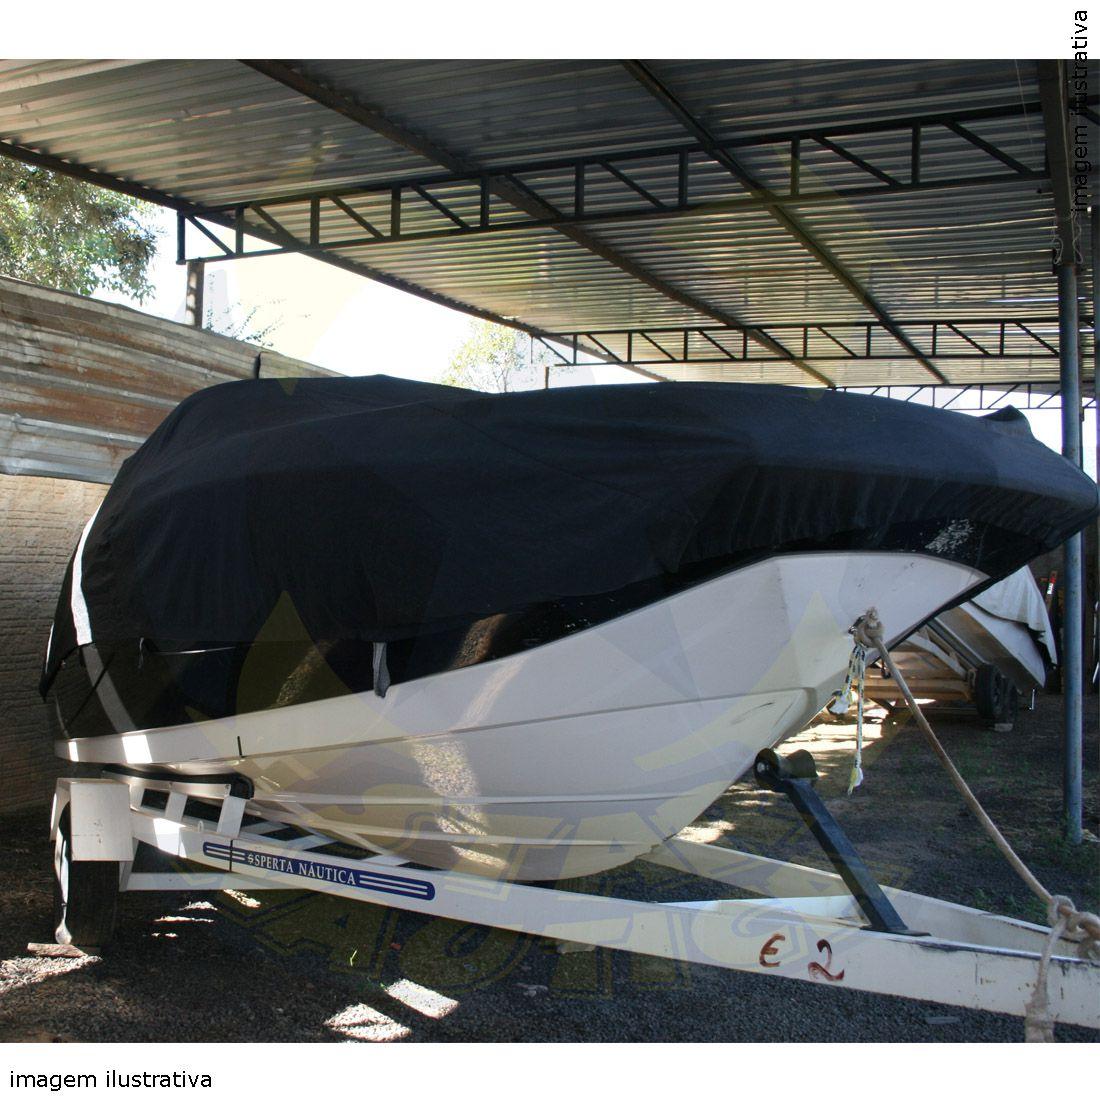 Capa Lona de Cobertura Lancha Focker 222 Lona Guarda Chuva